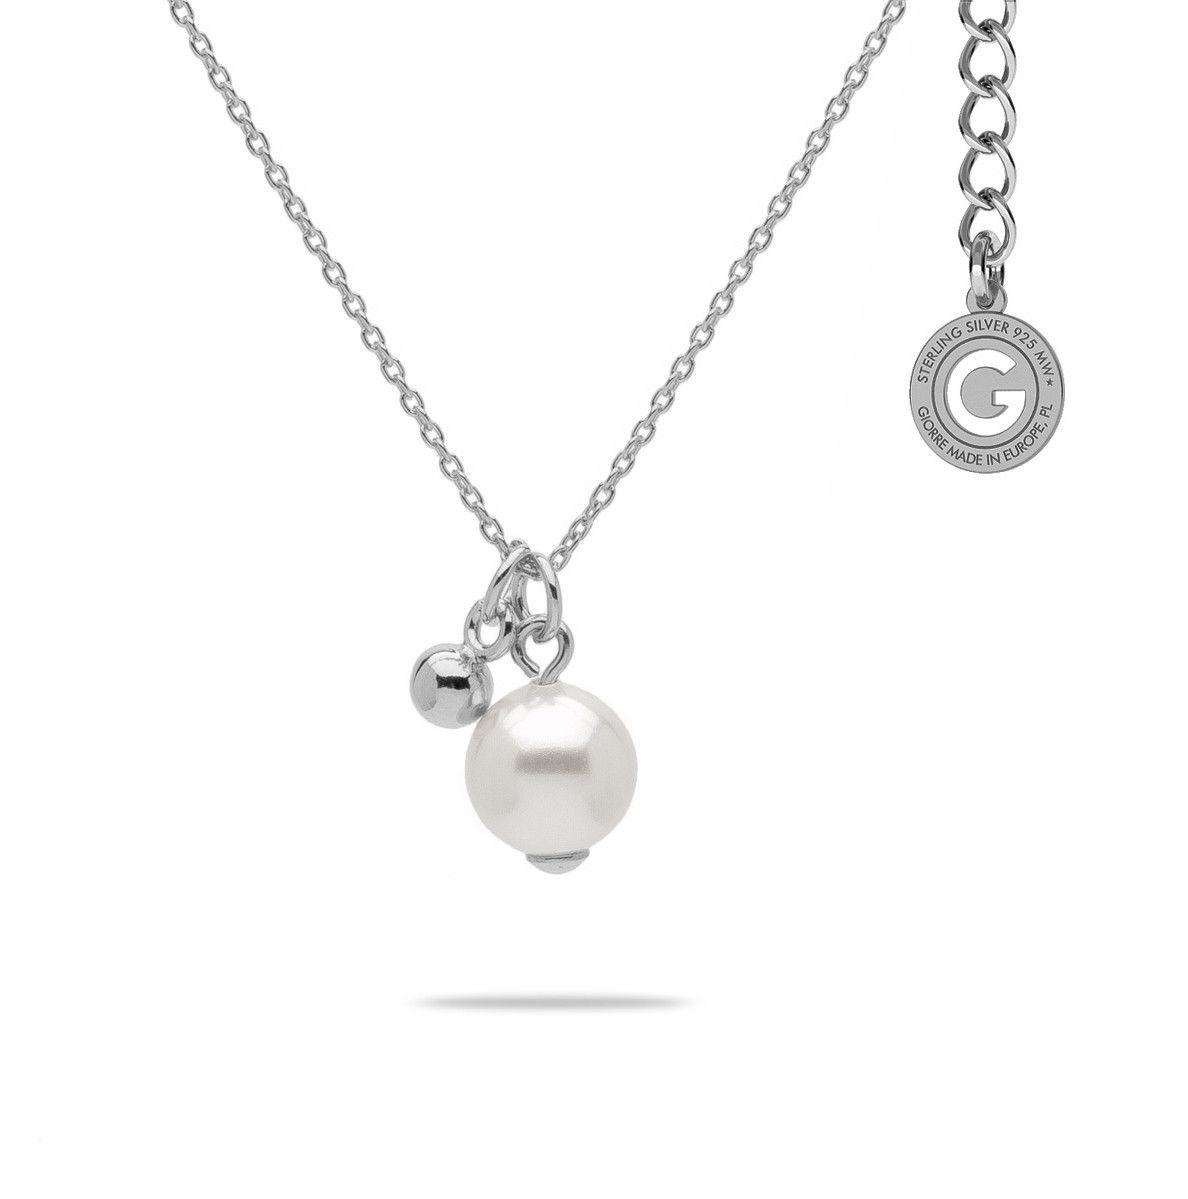 Naszyjnik z perłą Swarovski, srebro 925 : Perła - kolory - SWAROVSKI WHITE, Srebro - kolor pokrycia - Pokrycie platyną